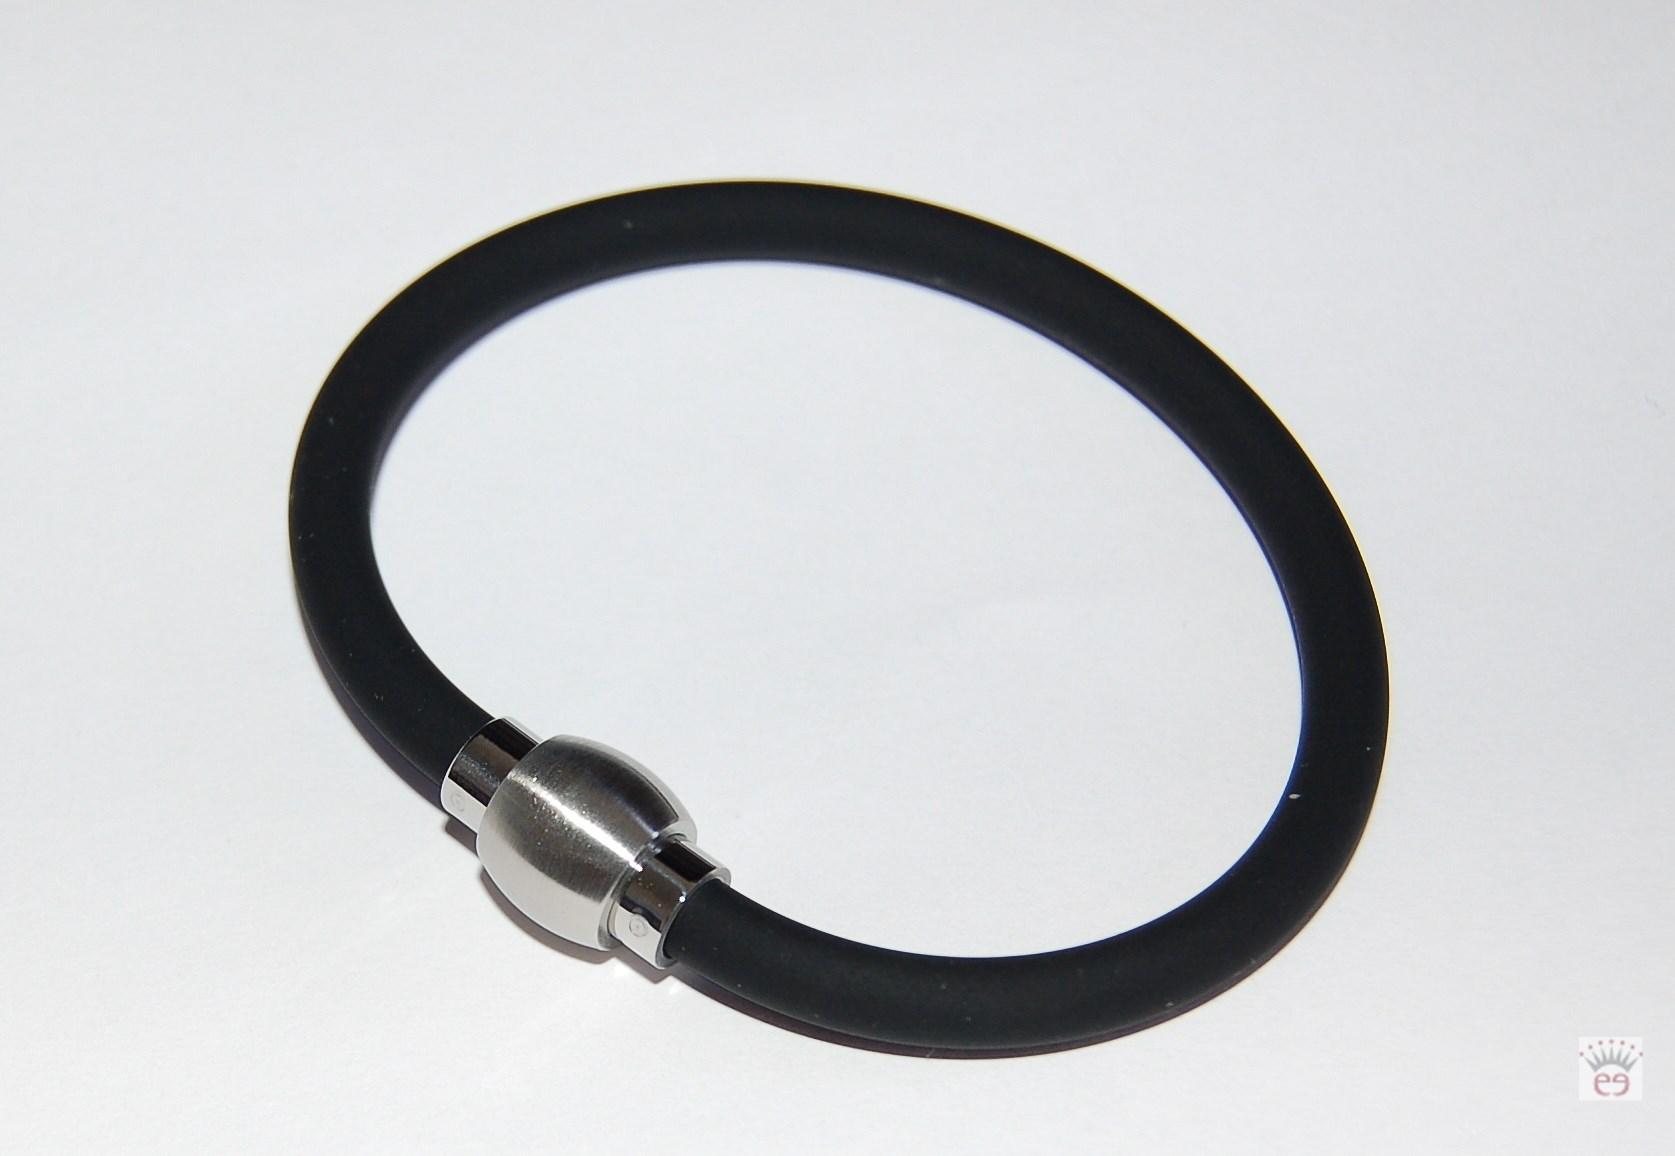 Edelstahl Magnetverschluss poliert Ø 14 x 4,5 mm armband herstellen